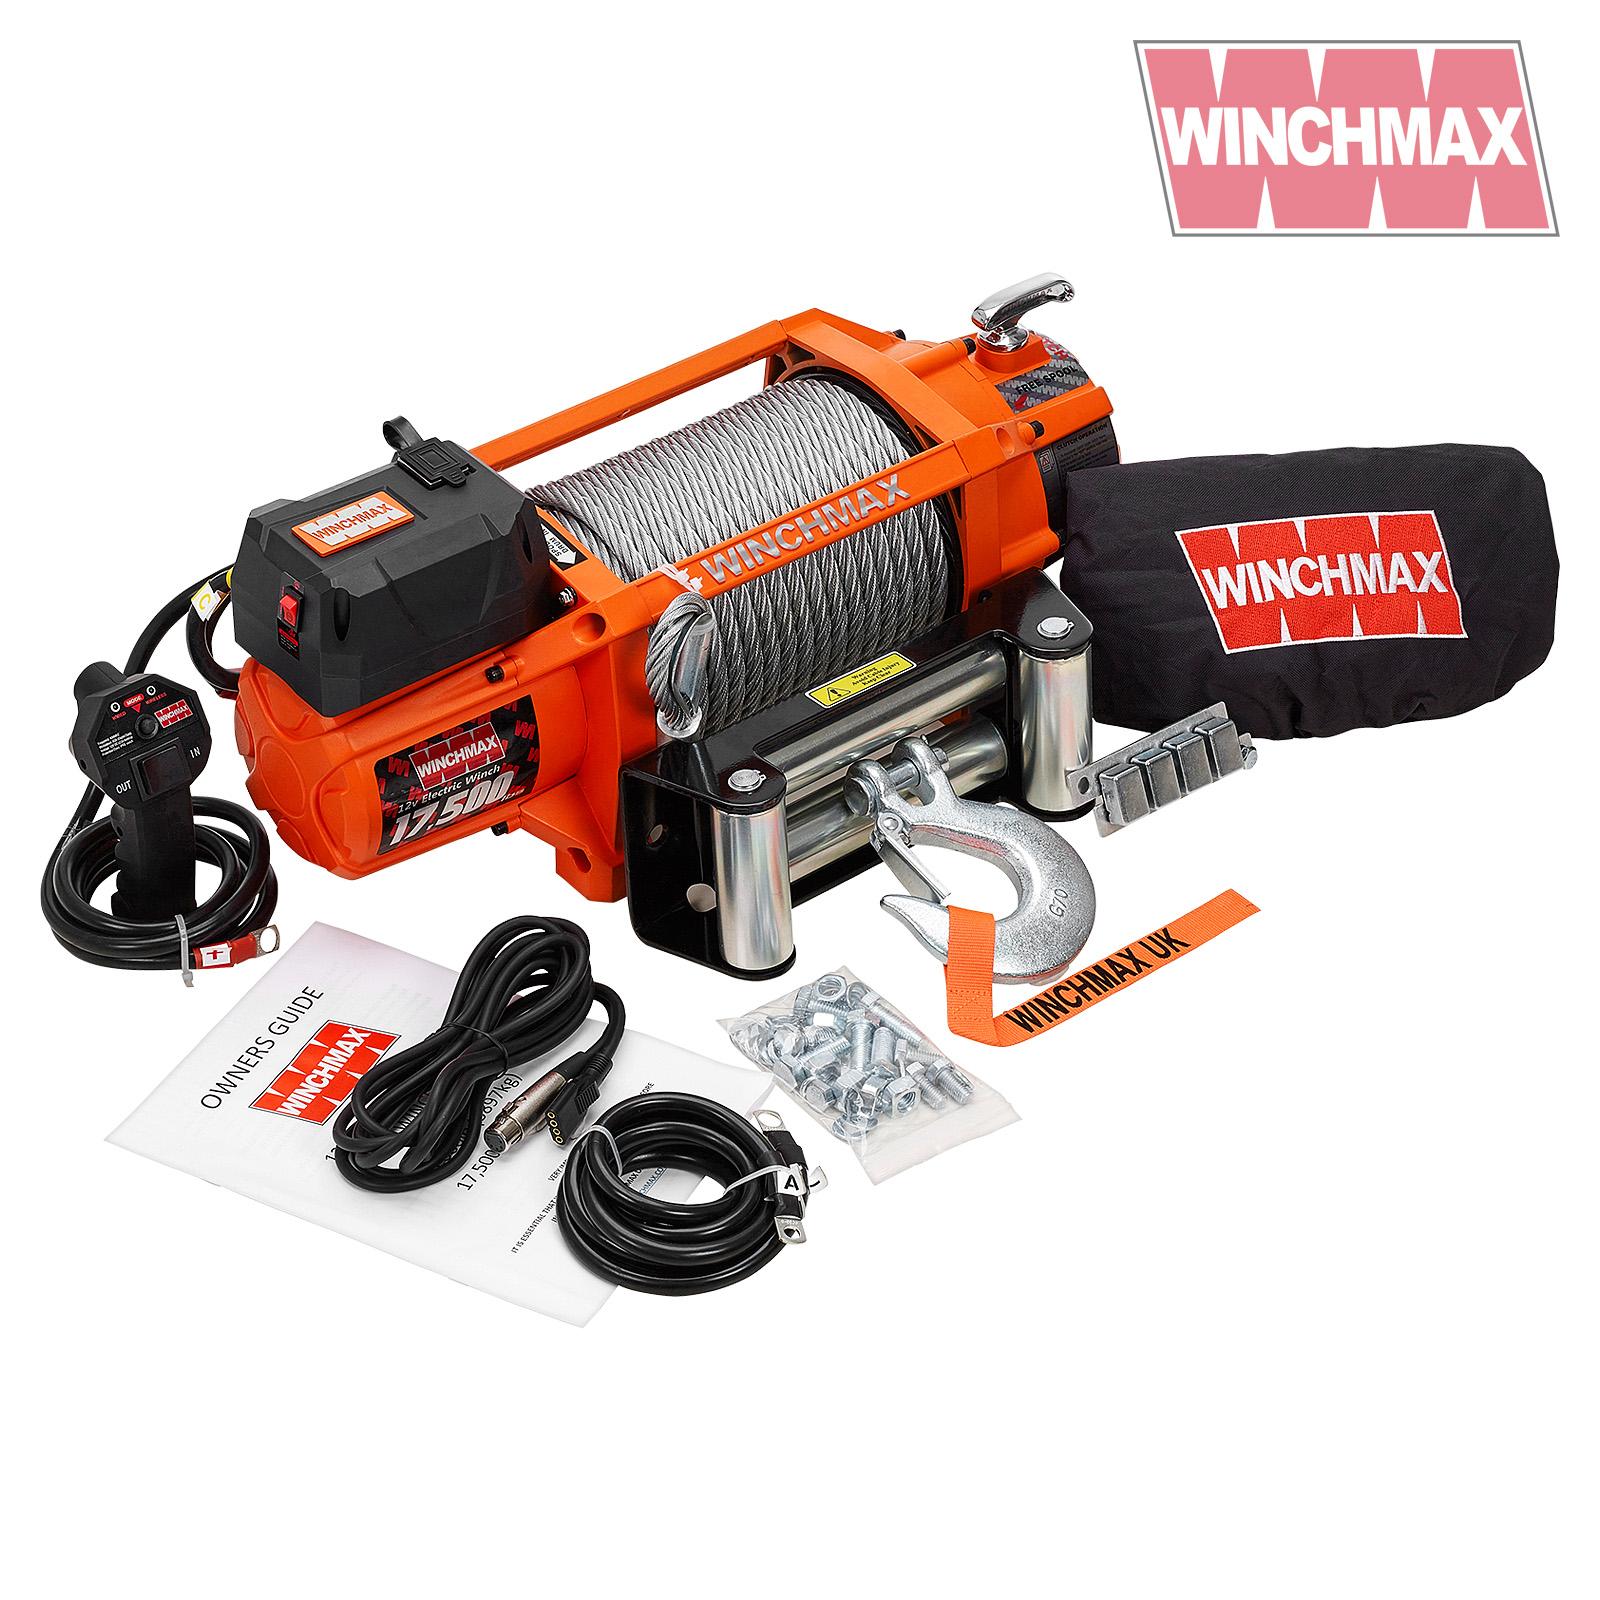 Wmsl1750012v winchmax6.15198935 white 02